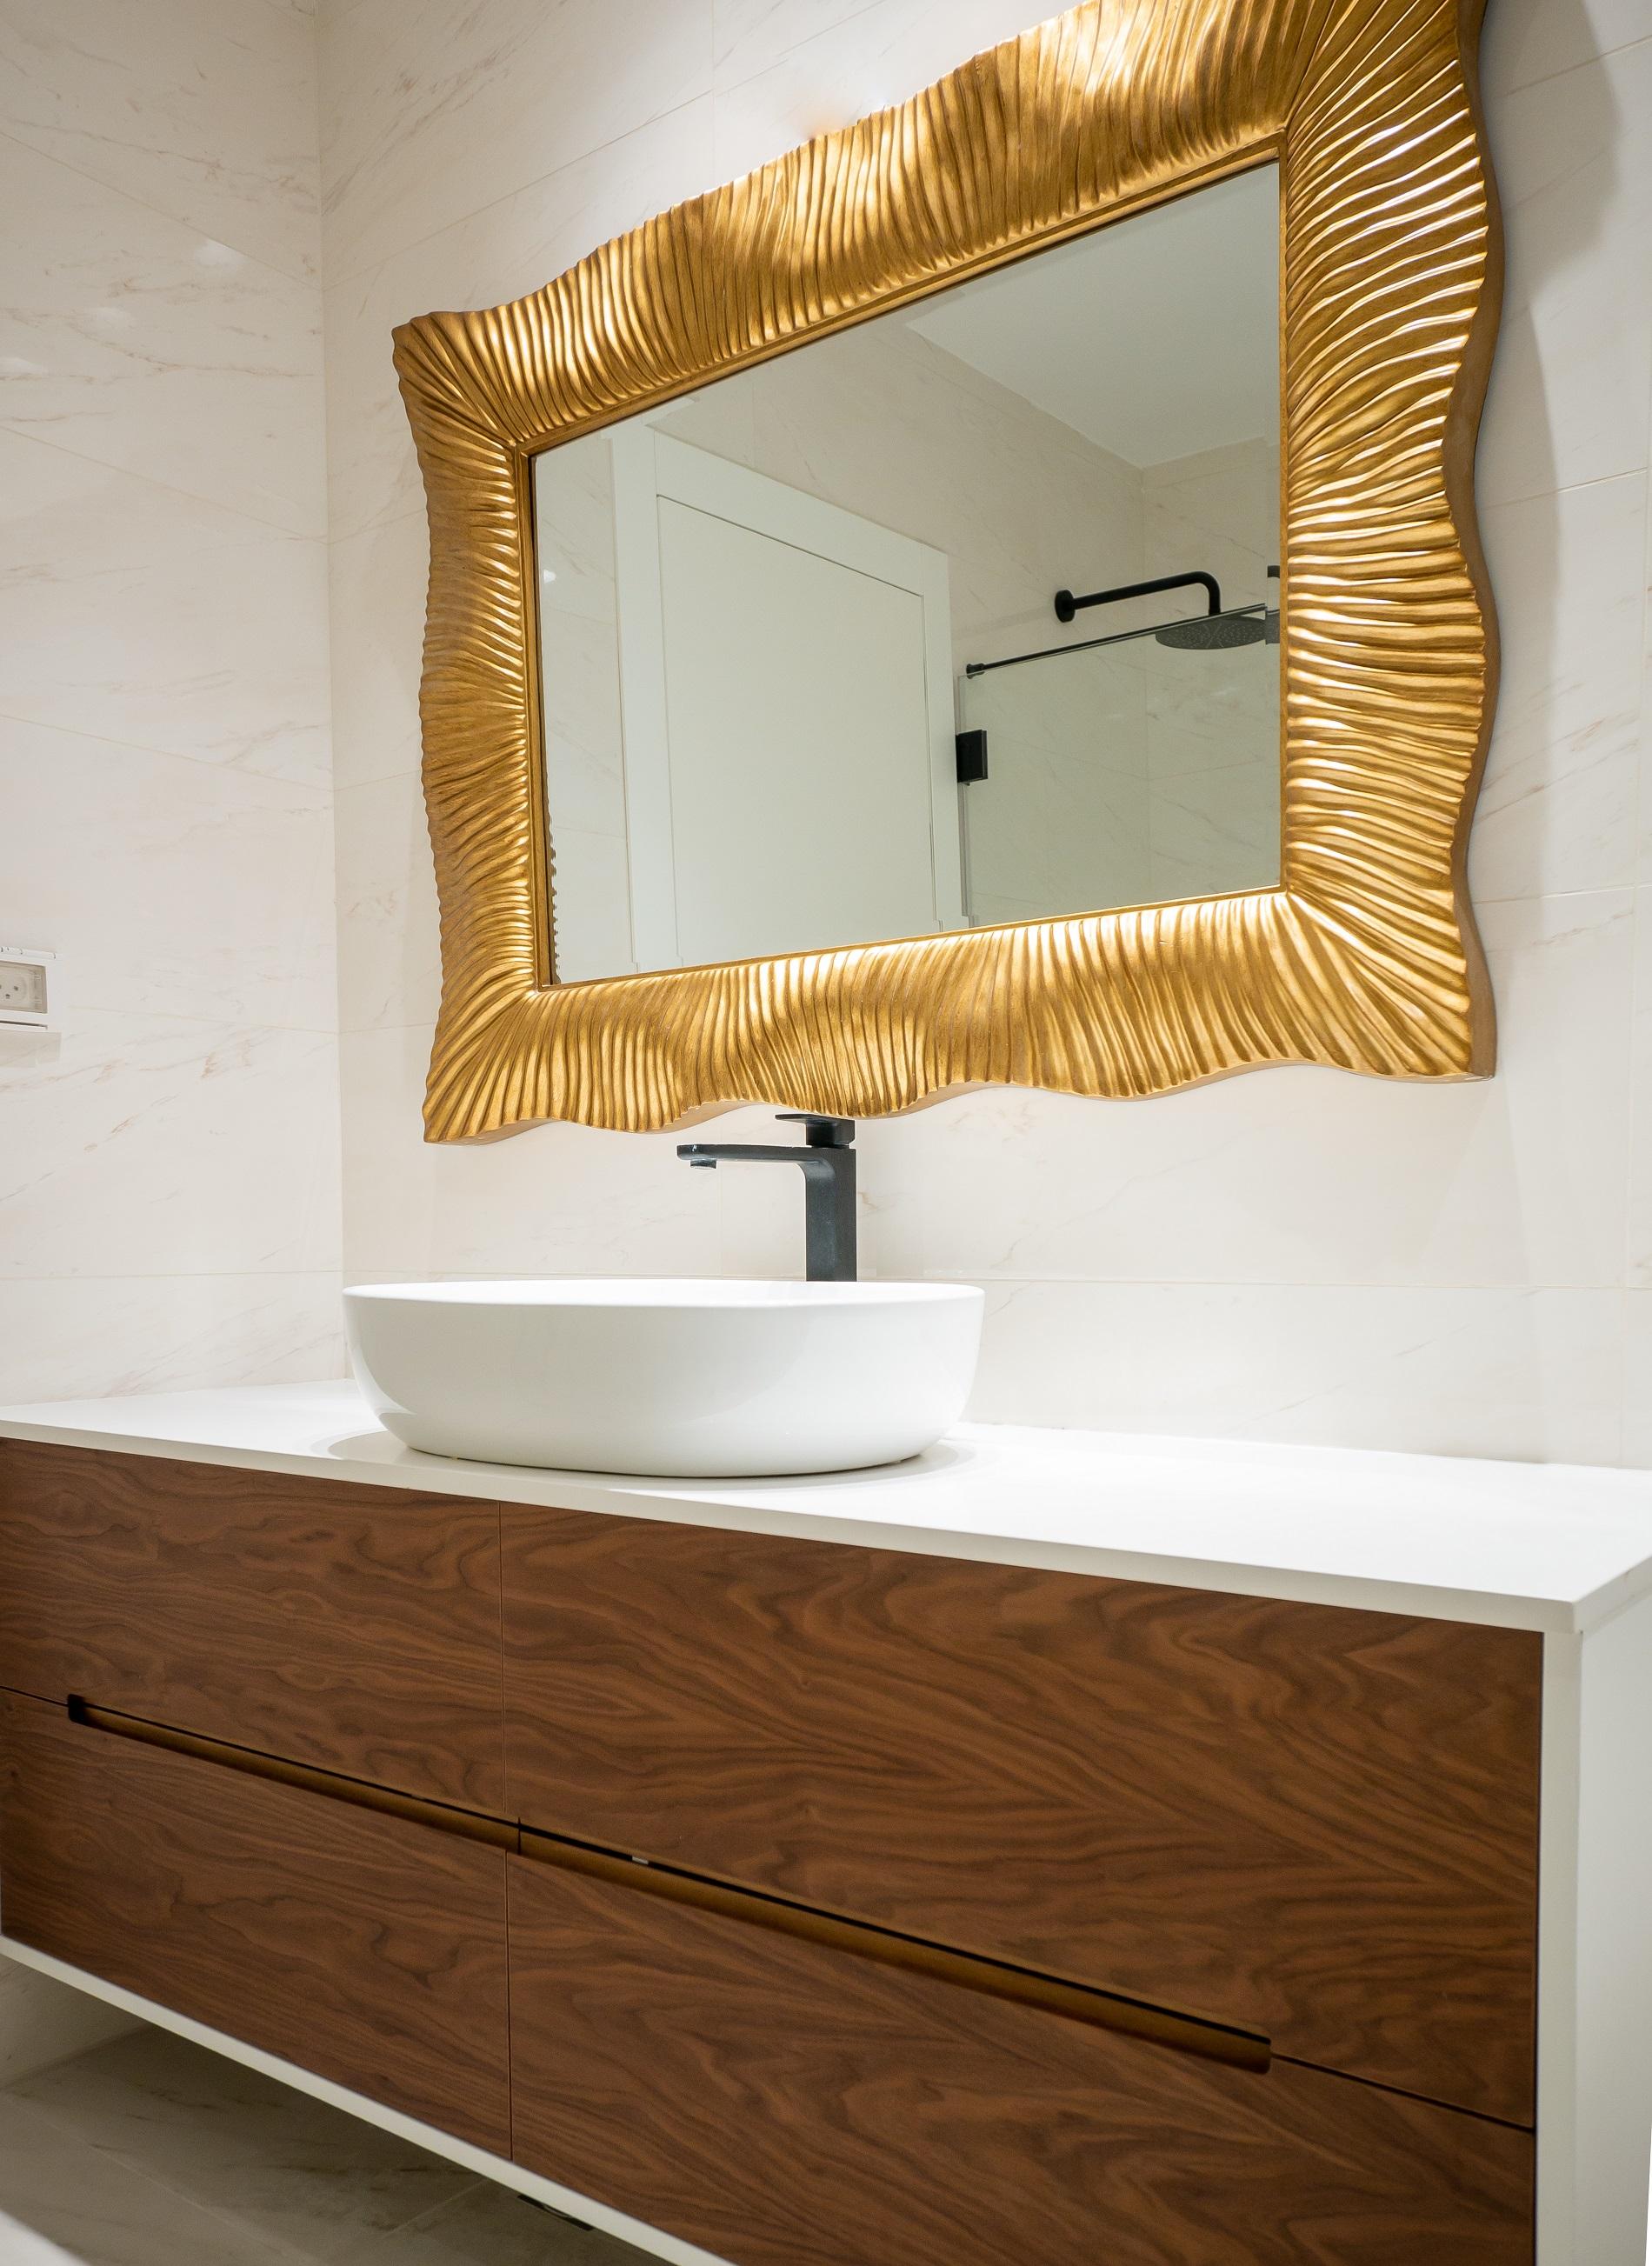 ארון אמבטיה קלאסי בשילוב עץ